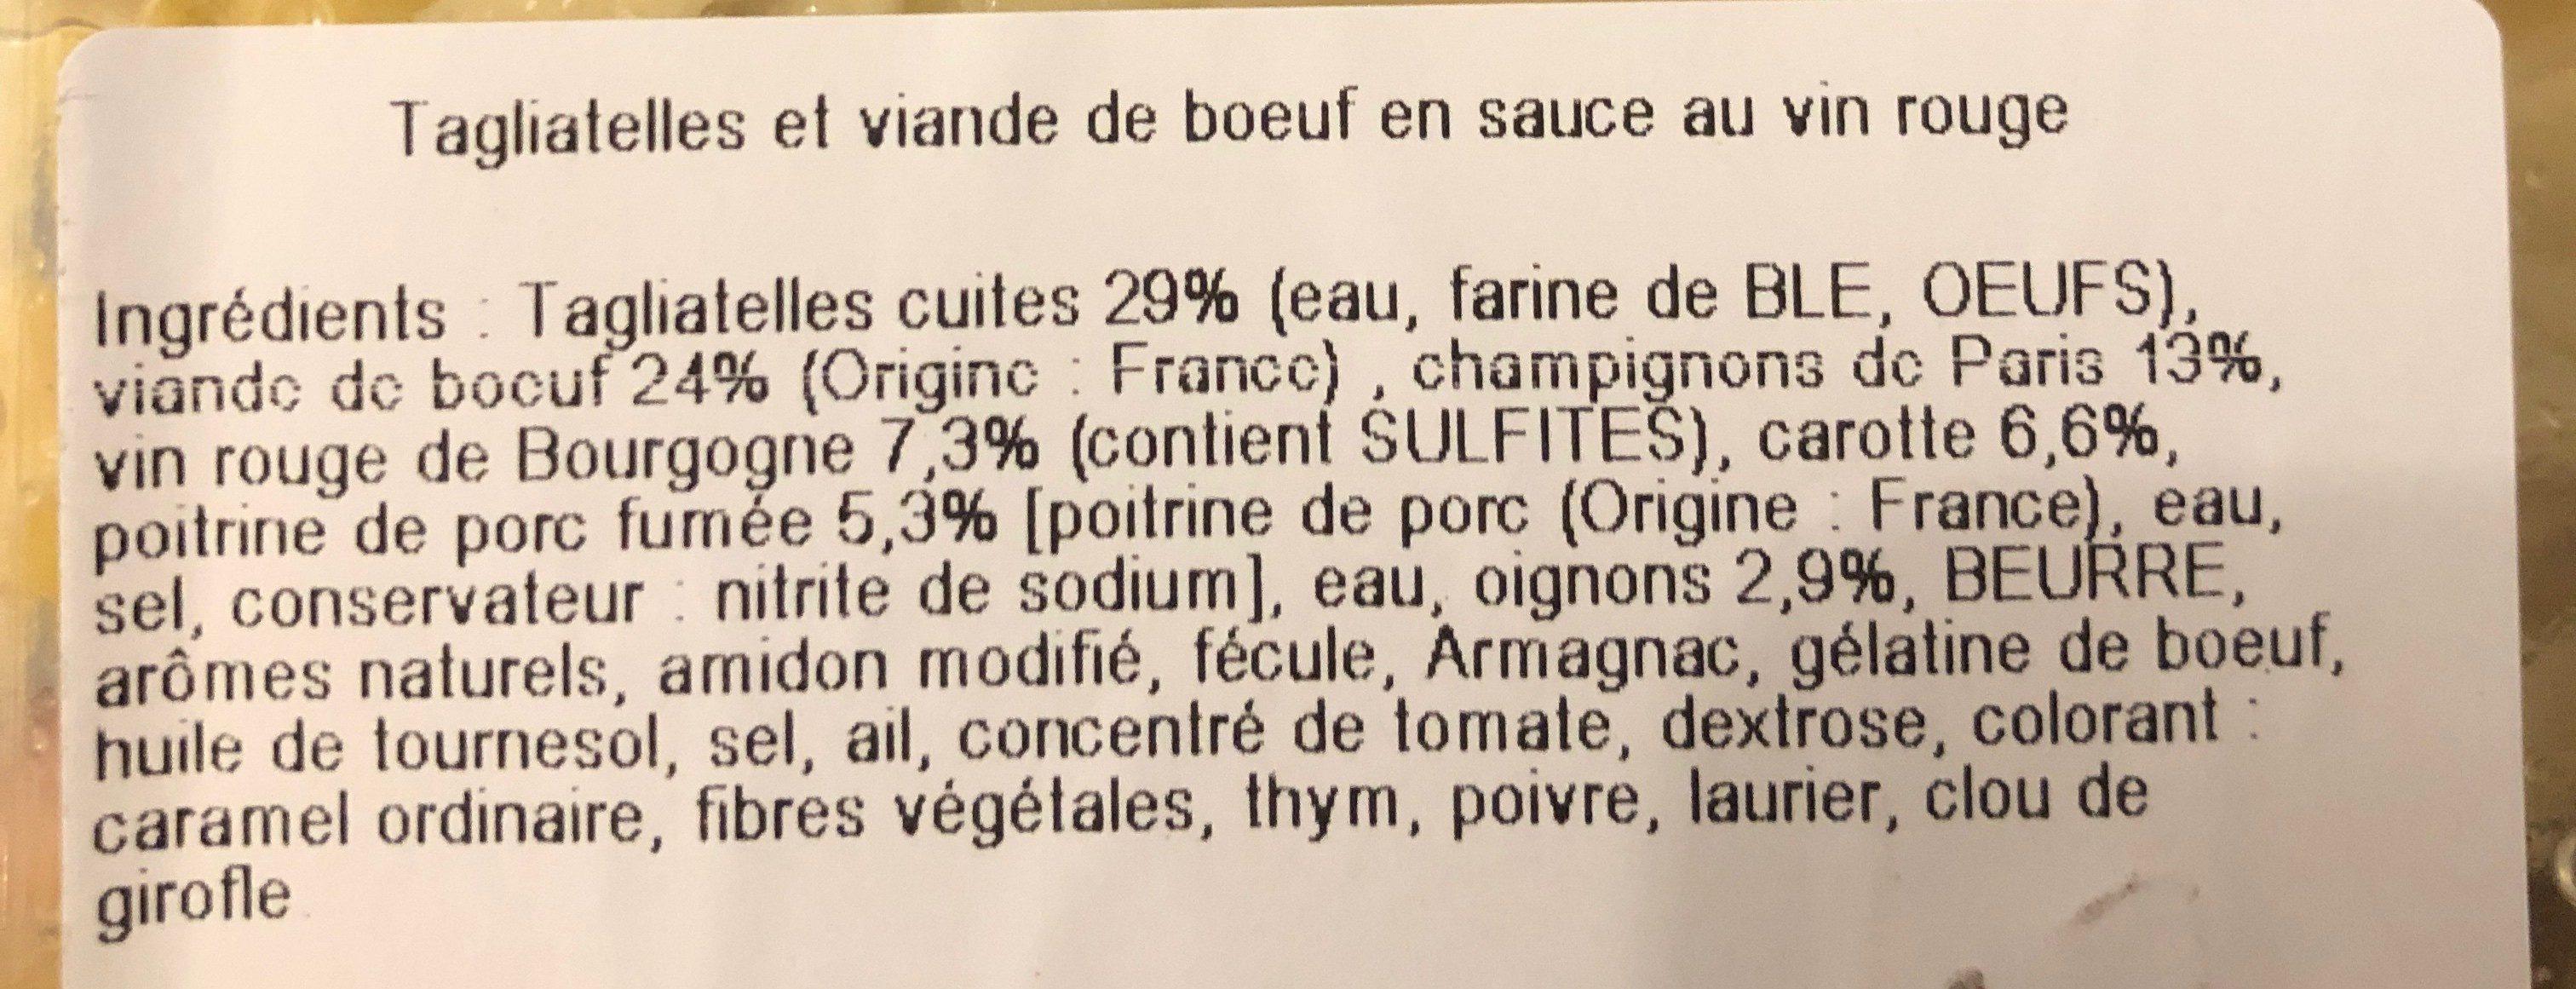 Boeuf Bourguignon Tagliatelles - Ingrediënten - fr